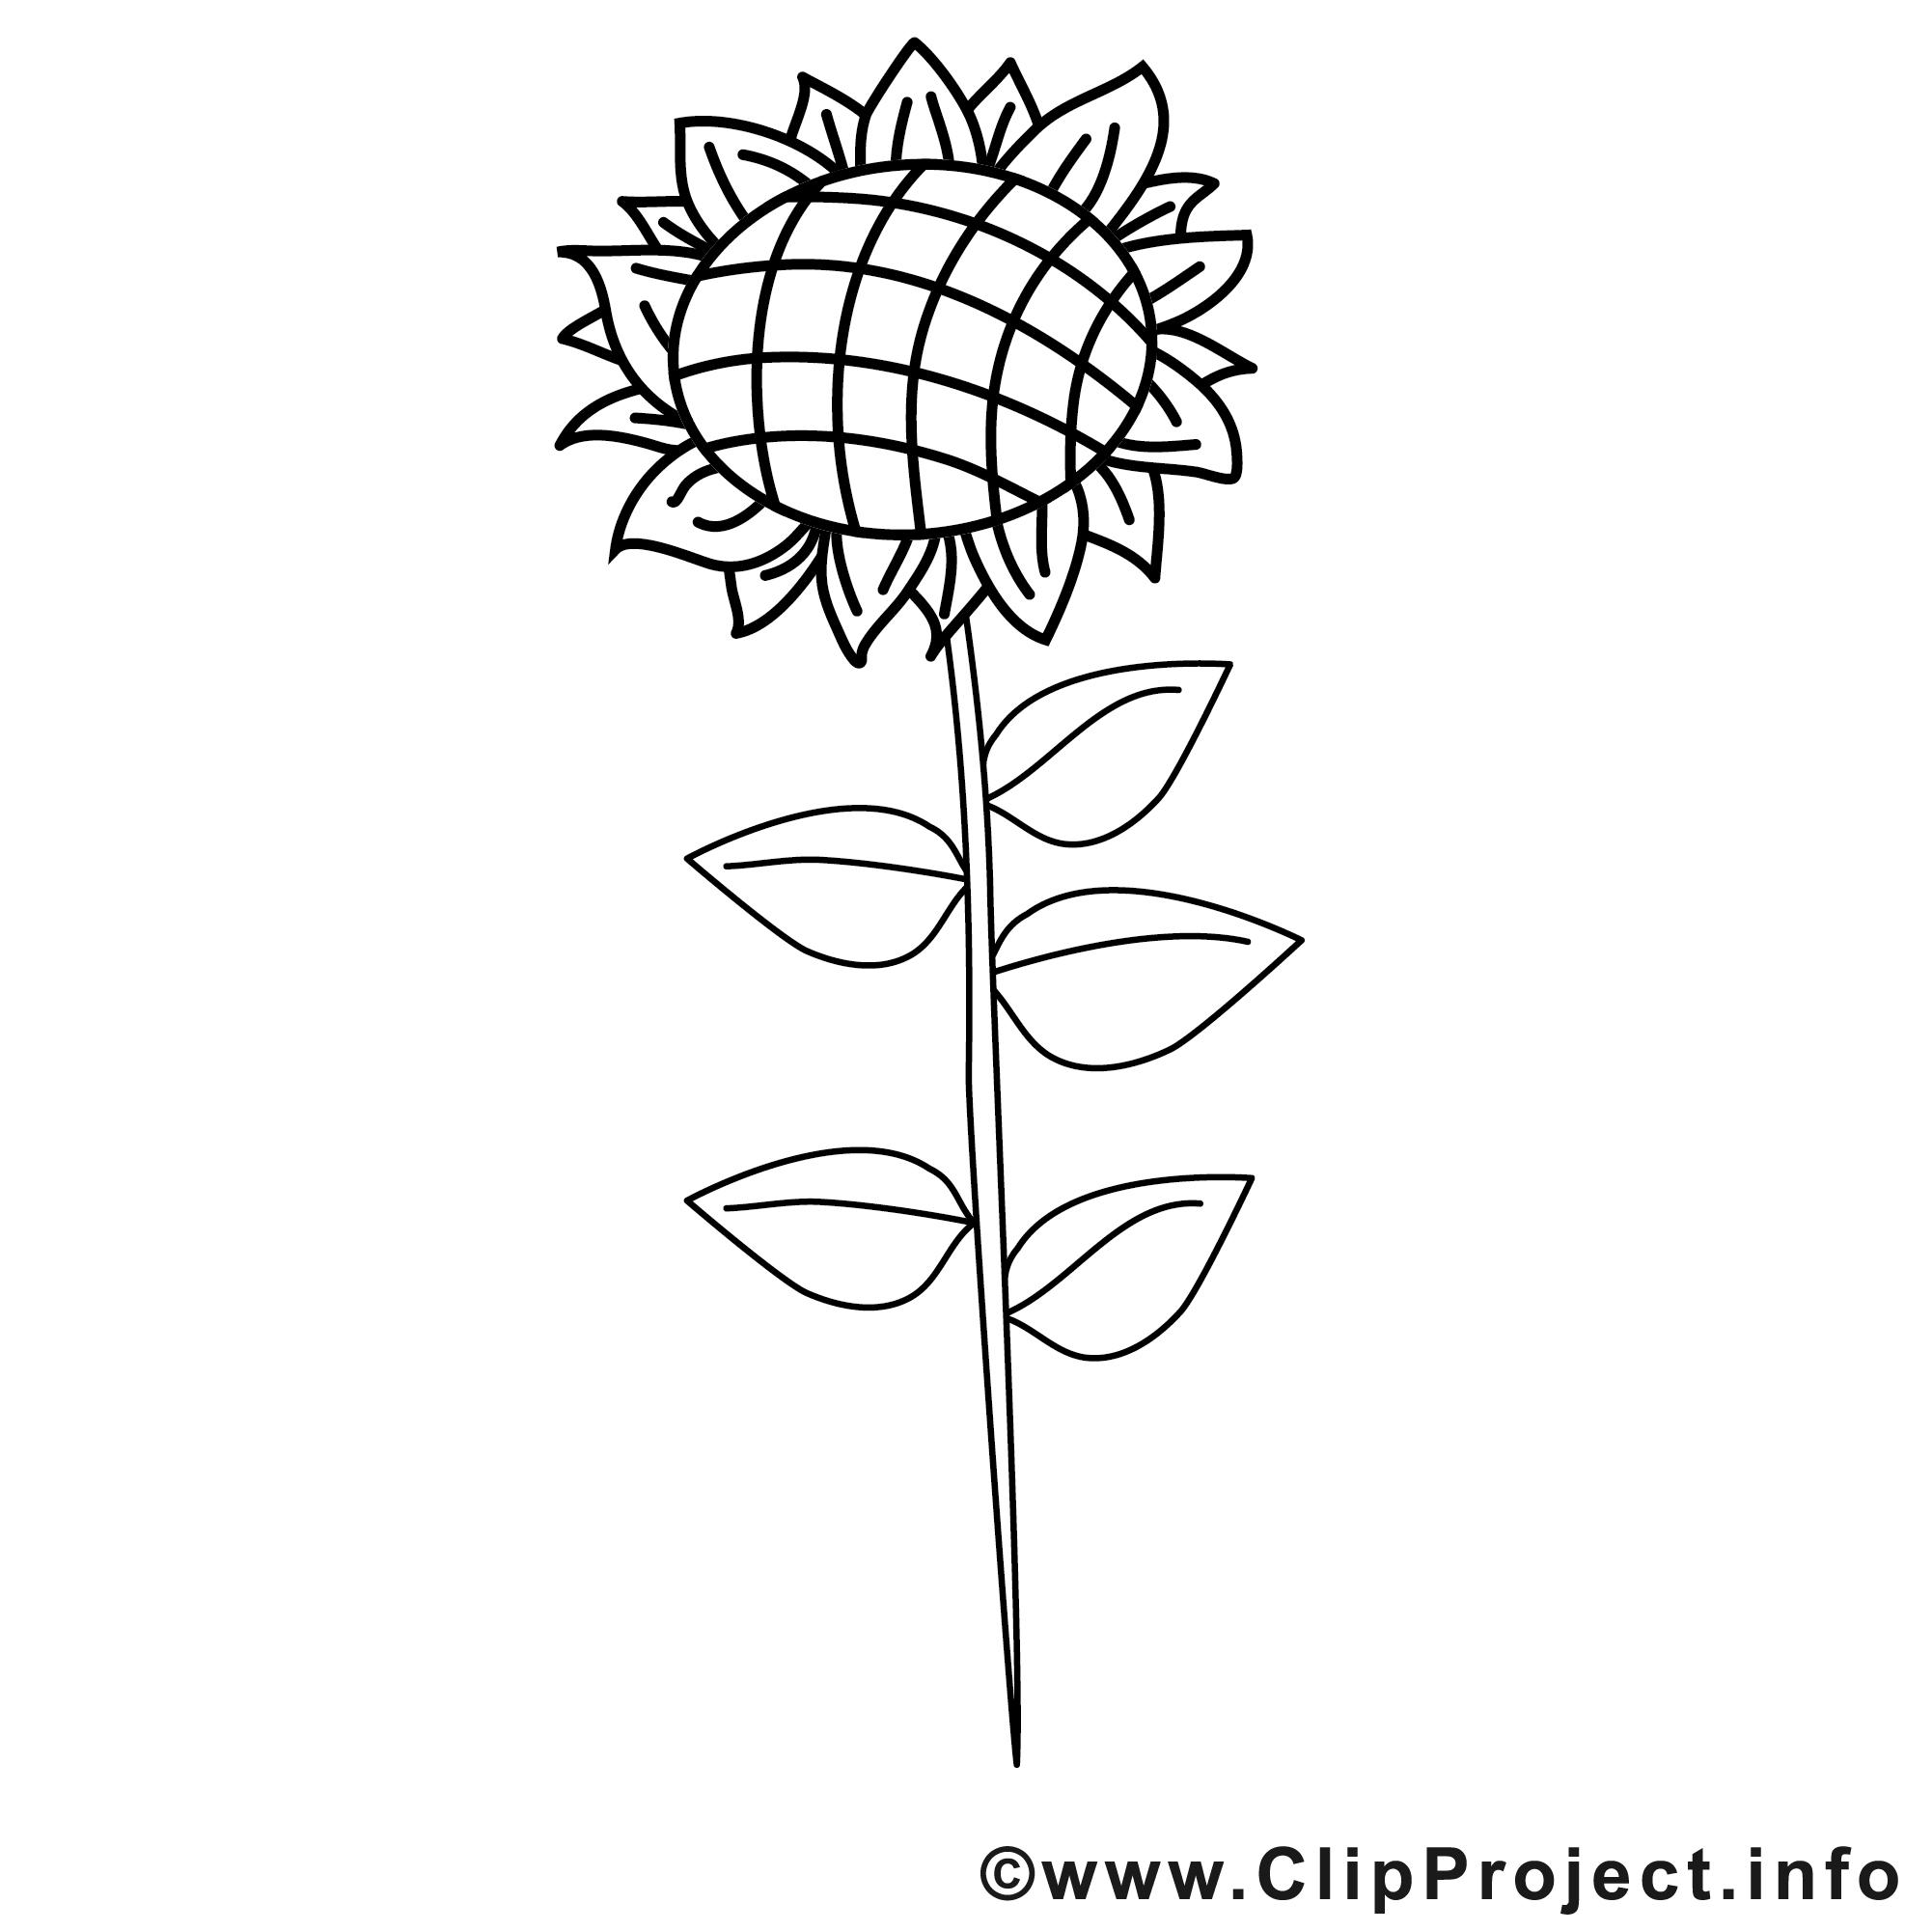 Coloriage tournesol campagne illustration t l charger ferme coloriages dessin picture - Coloriage tournesol ...